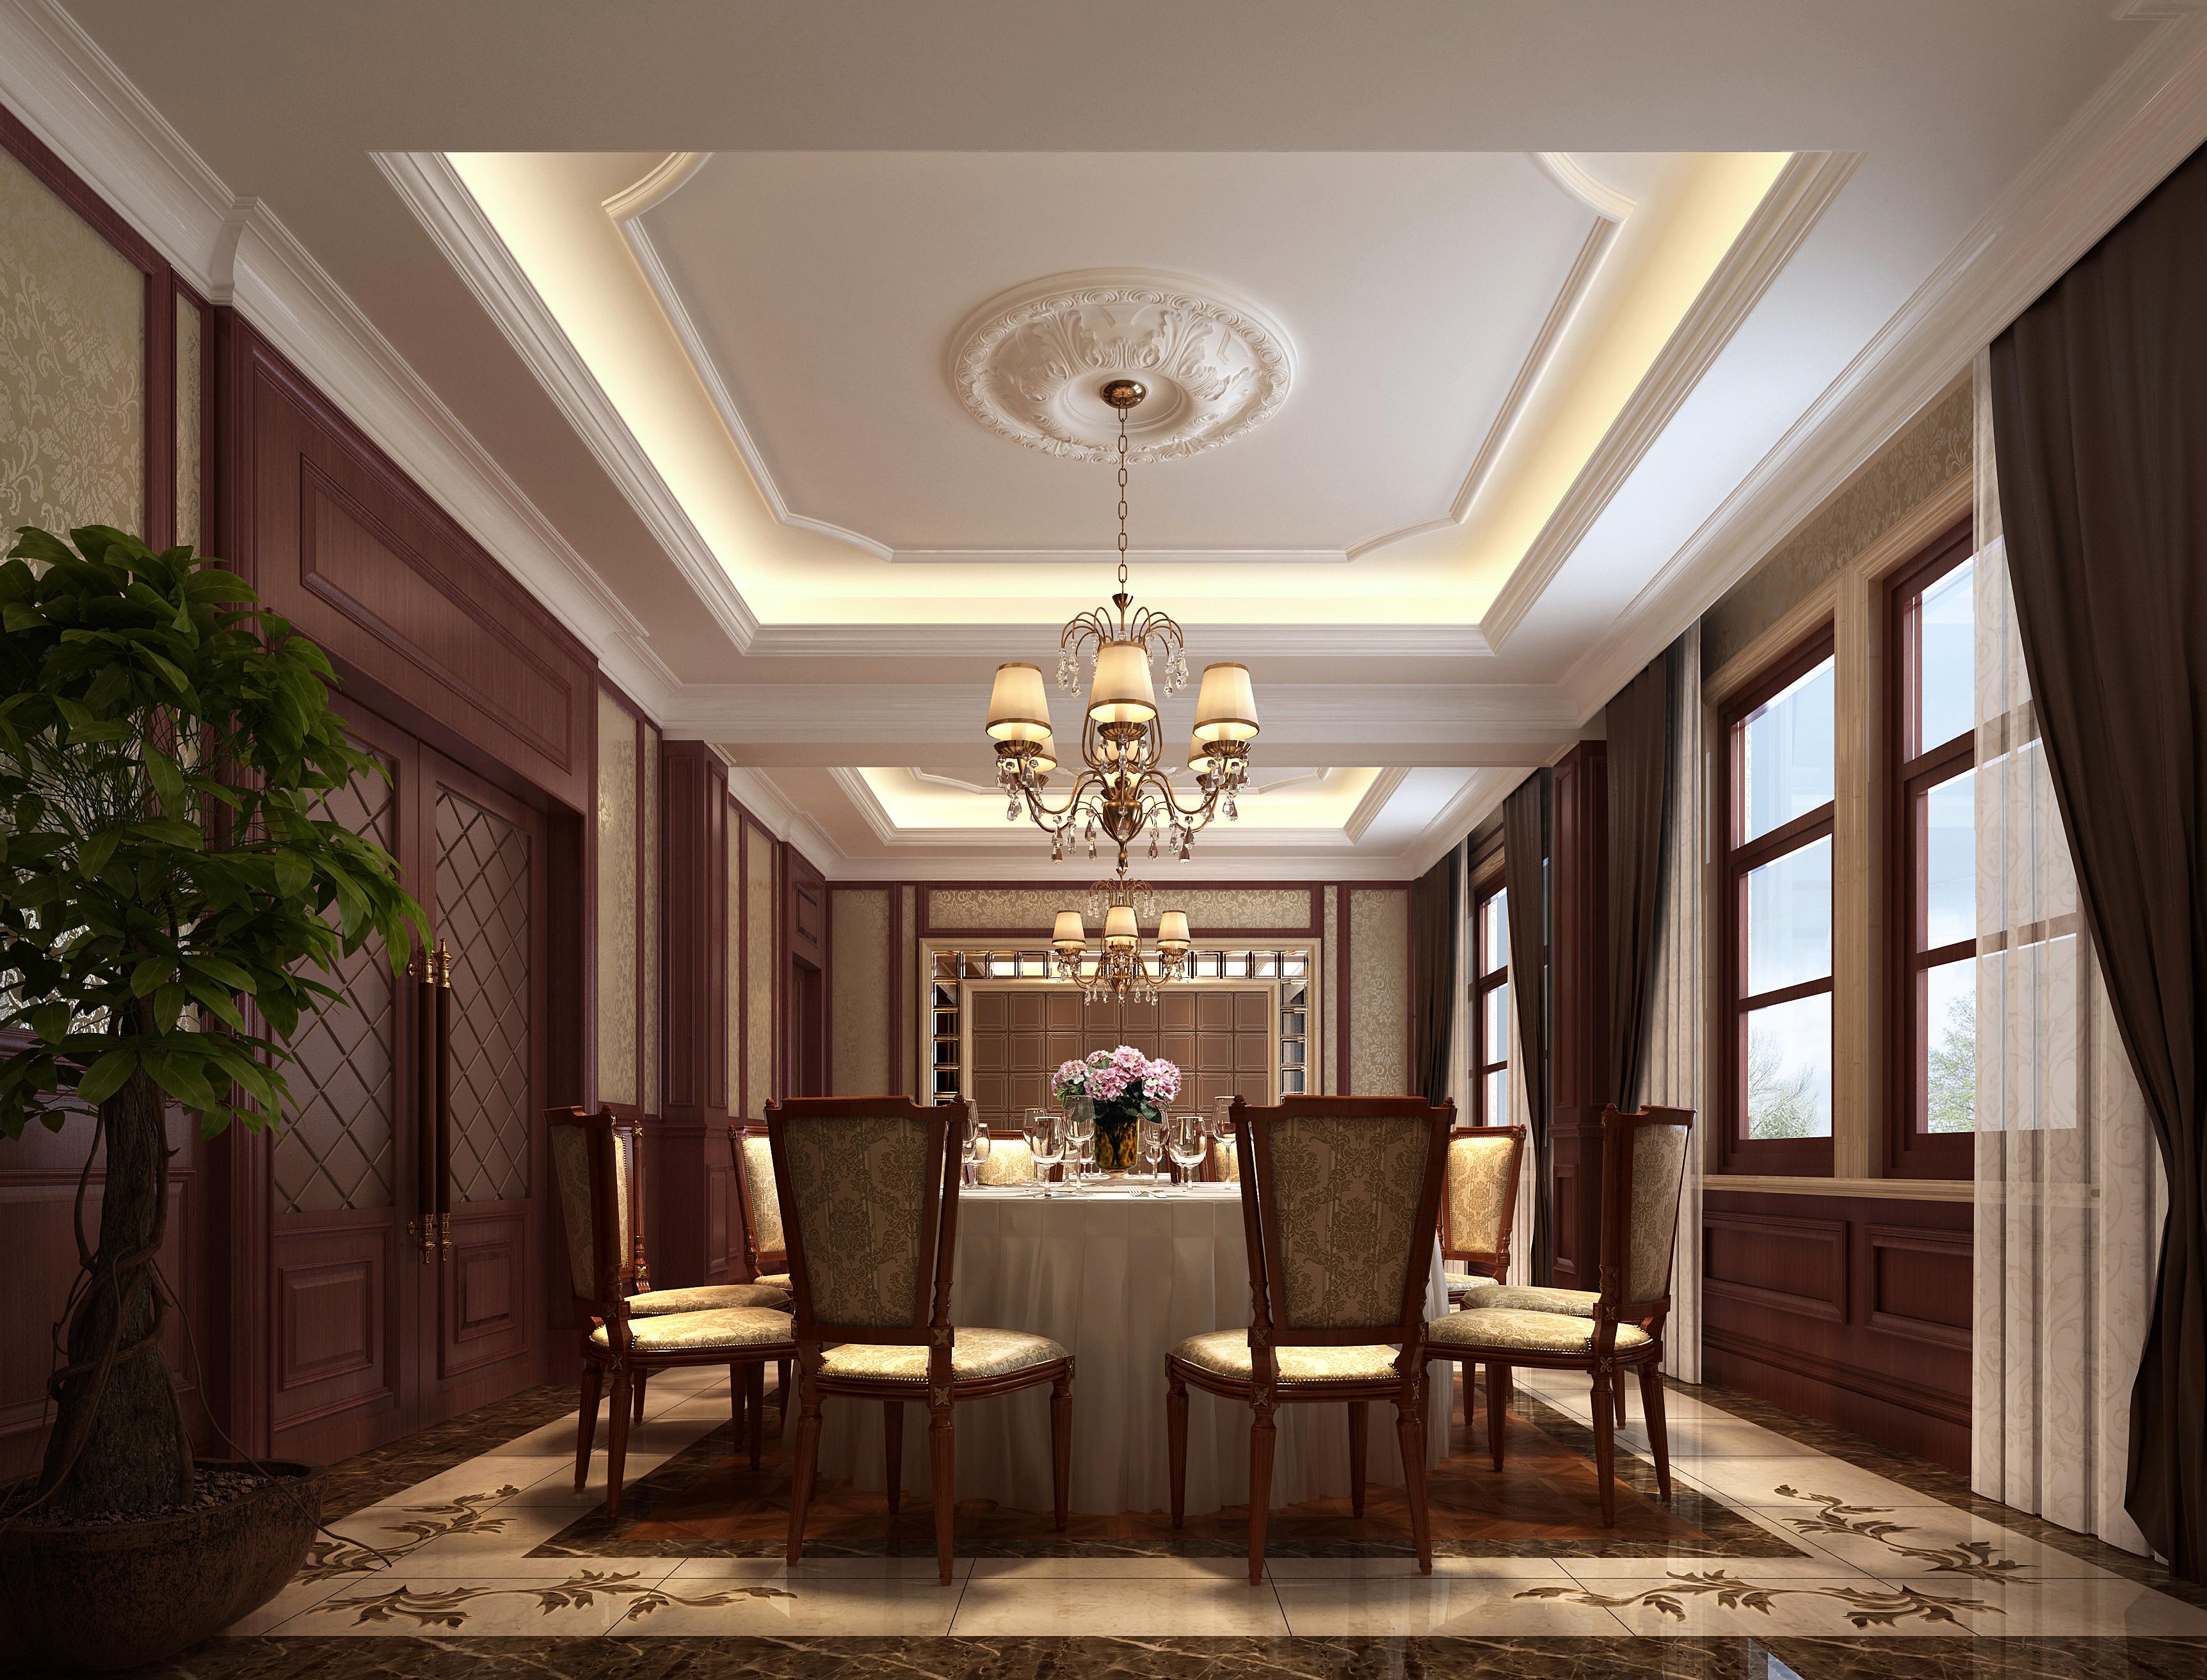 Modern interior dining room 3d model max for Dining room 3d model